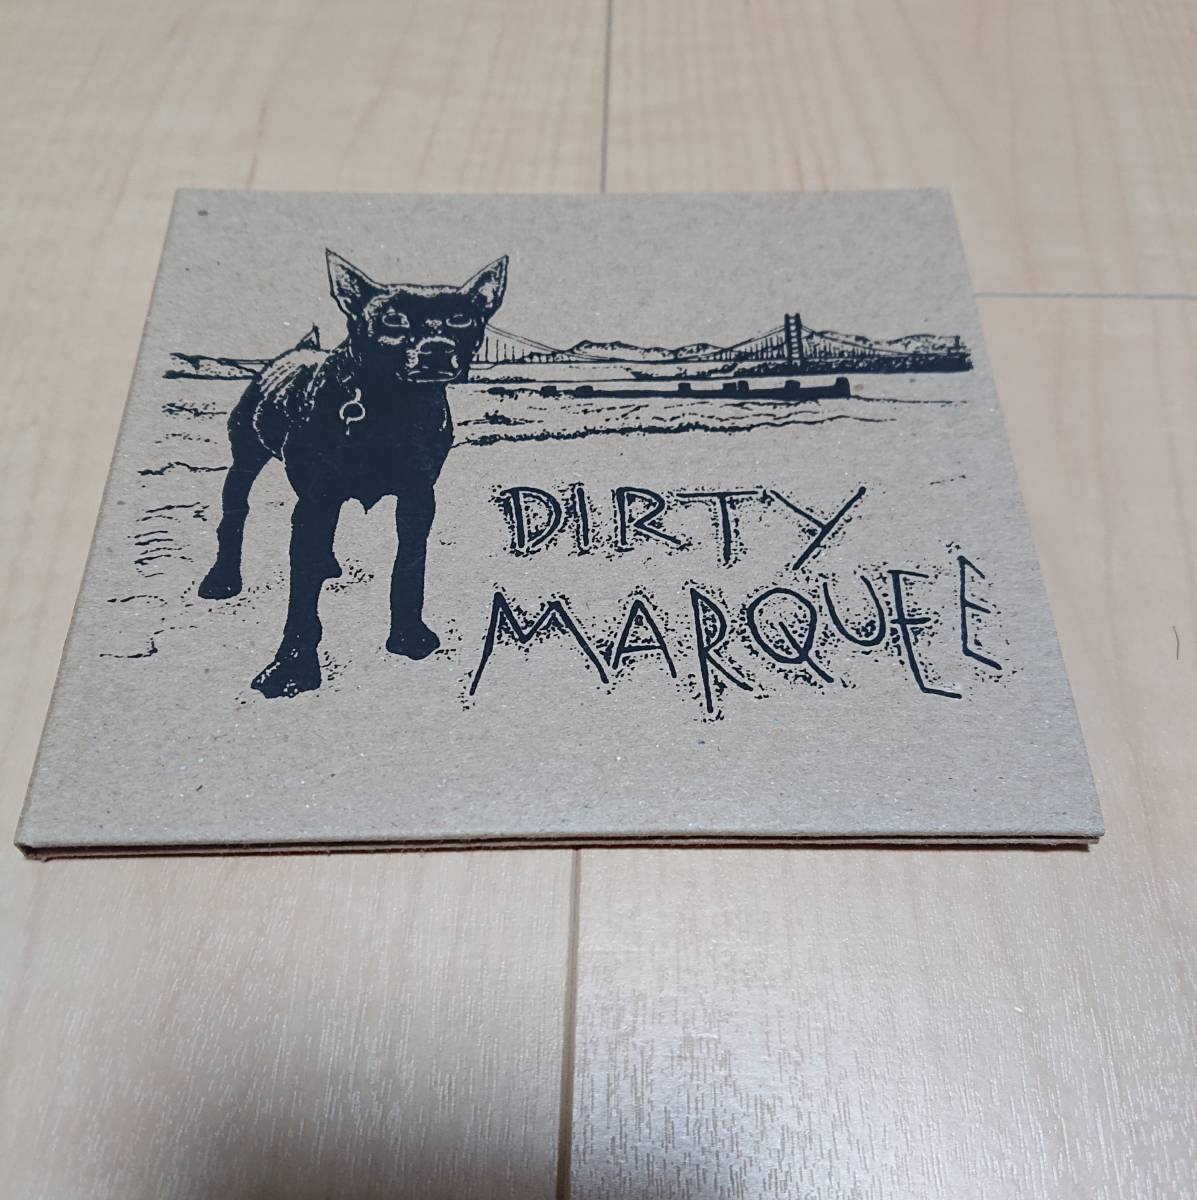 【Dirty Marquee - ST】grumpies fyp lemuria jawbreaker plan it x recess pop punk